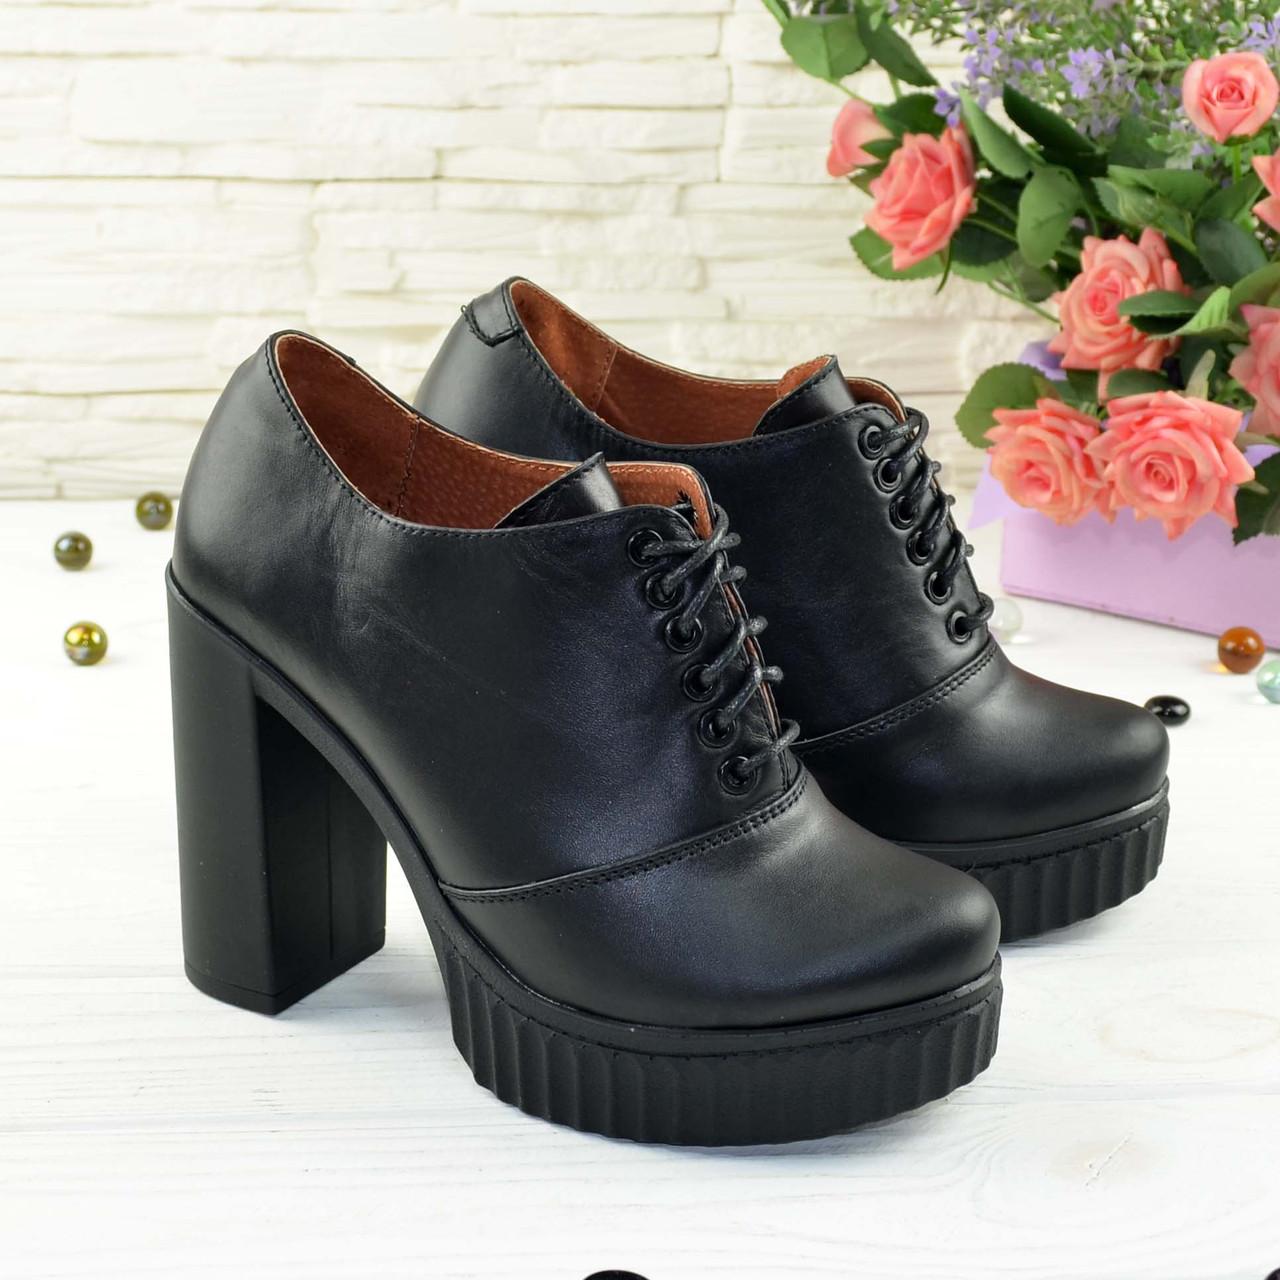 Женски кожаные туфли на тракторной подошве, на шнуровке.